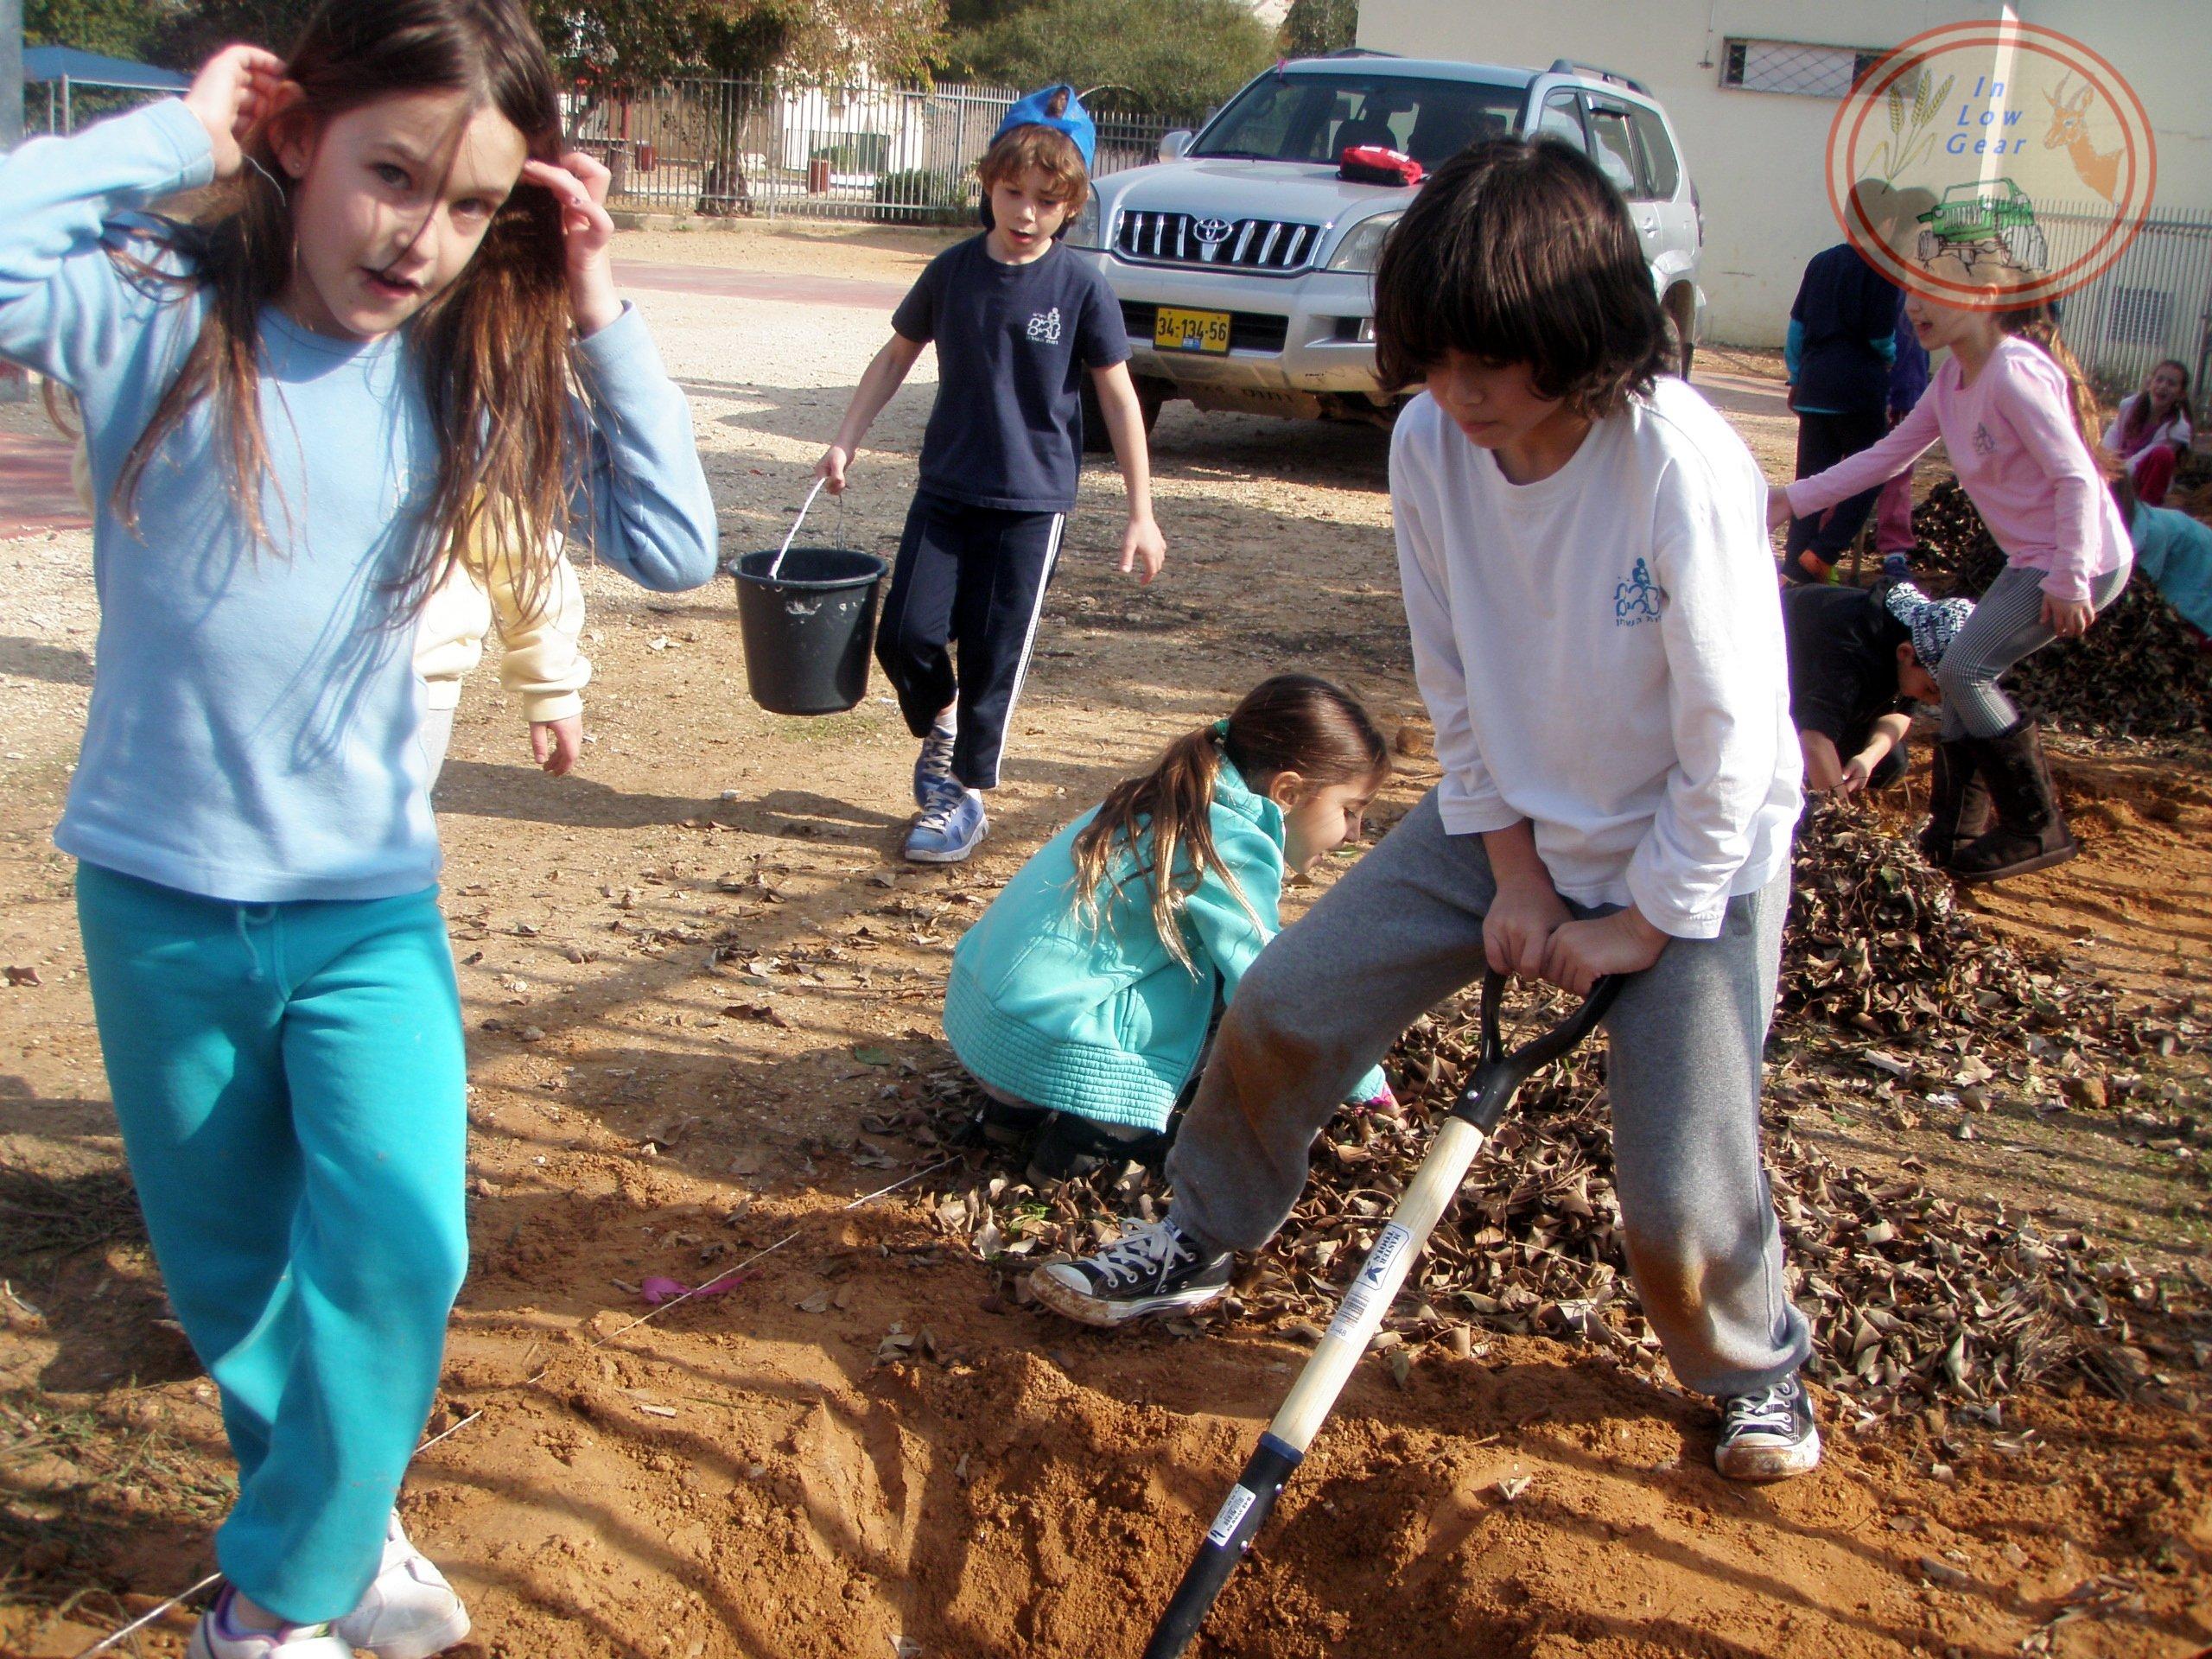 פרמקלצ'ר לילדים: חגיגת הנטיעות